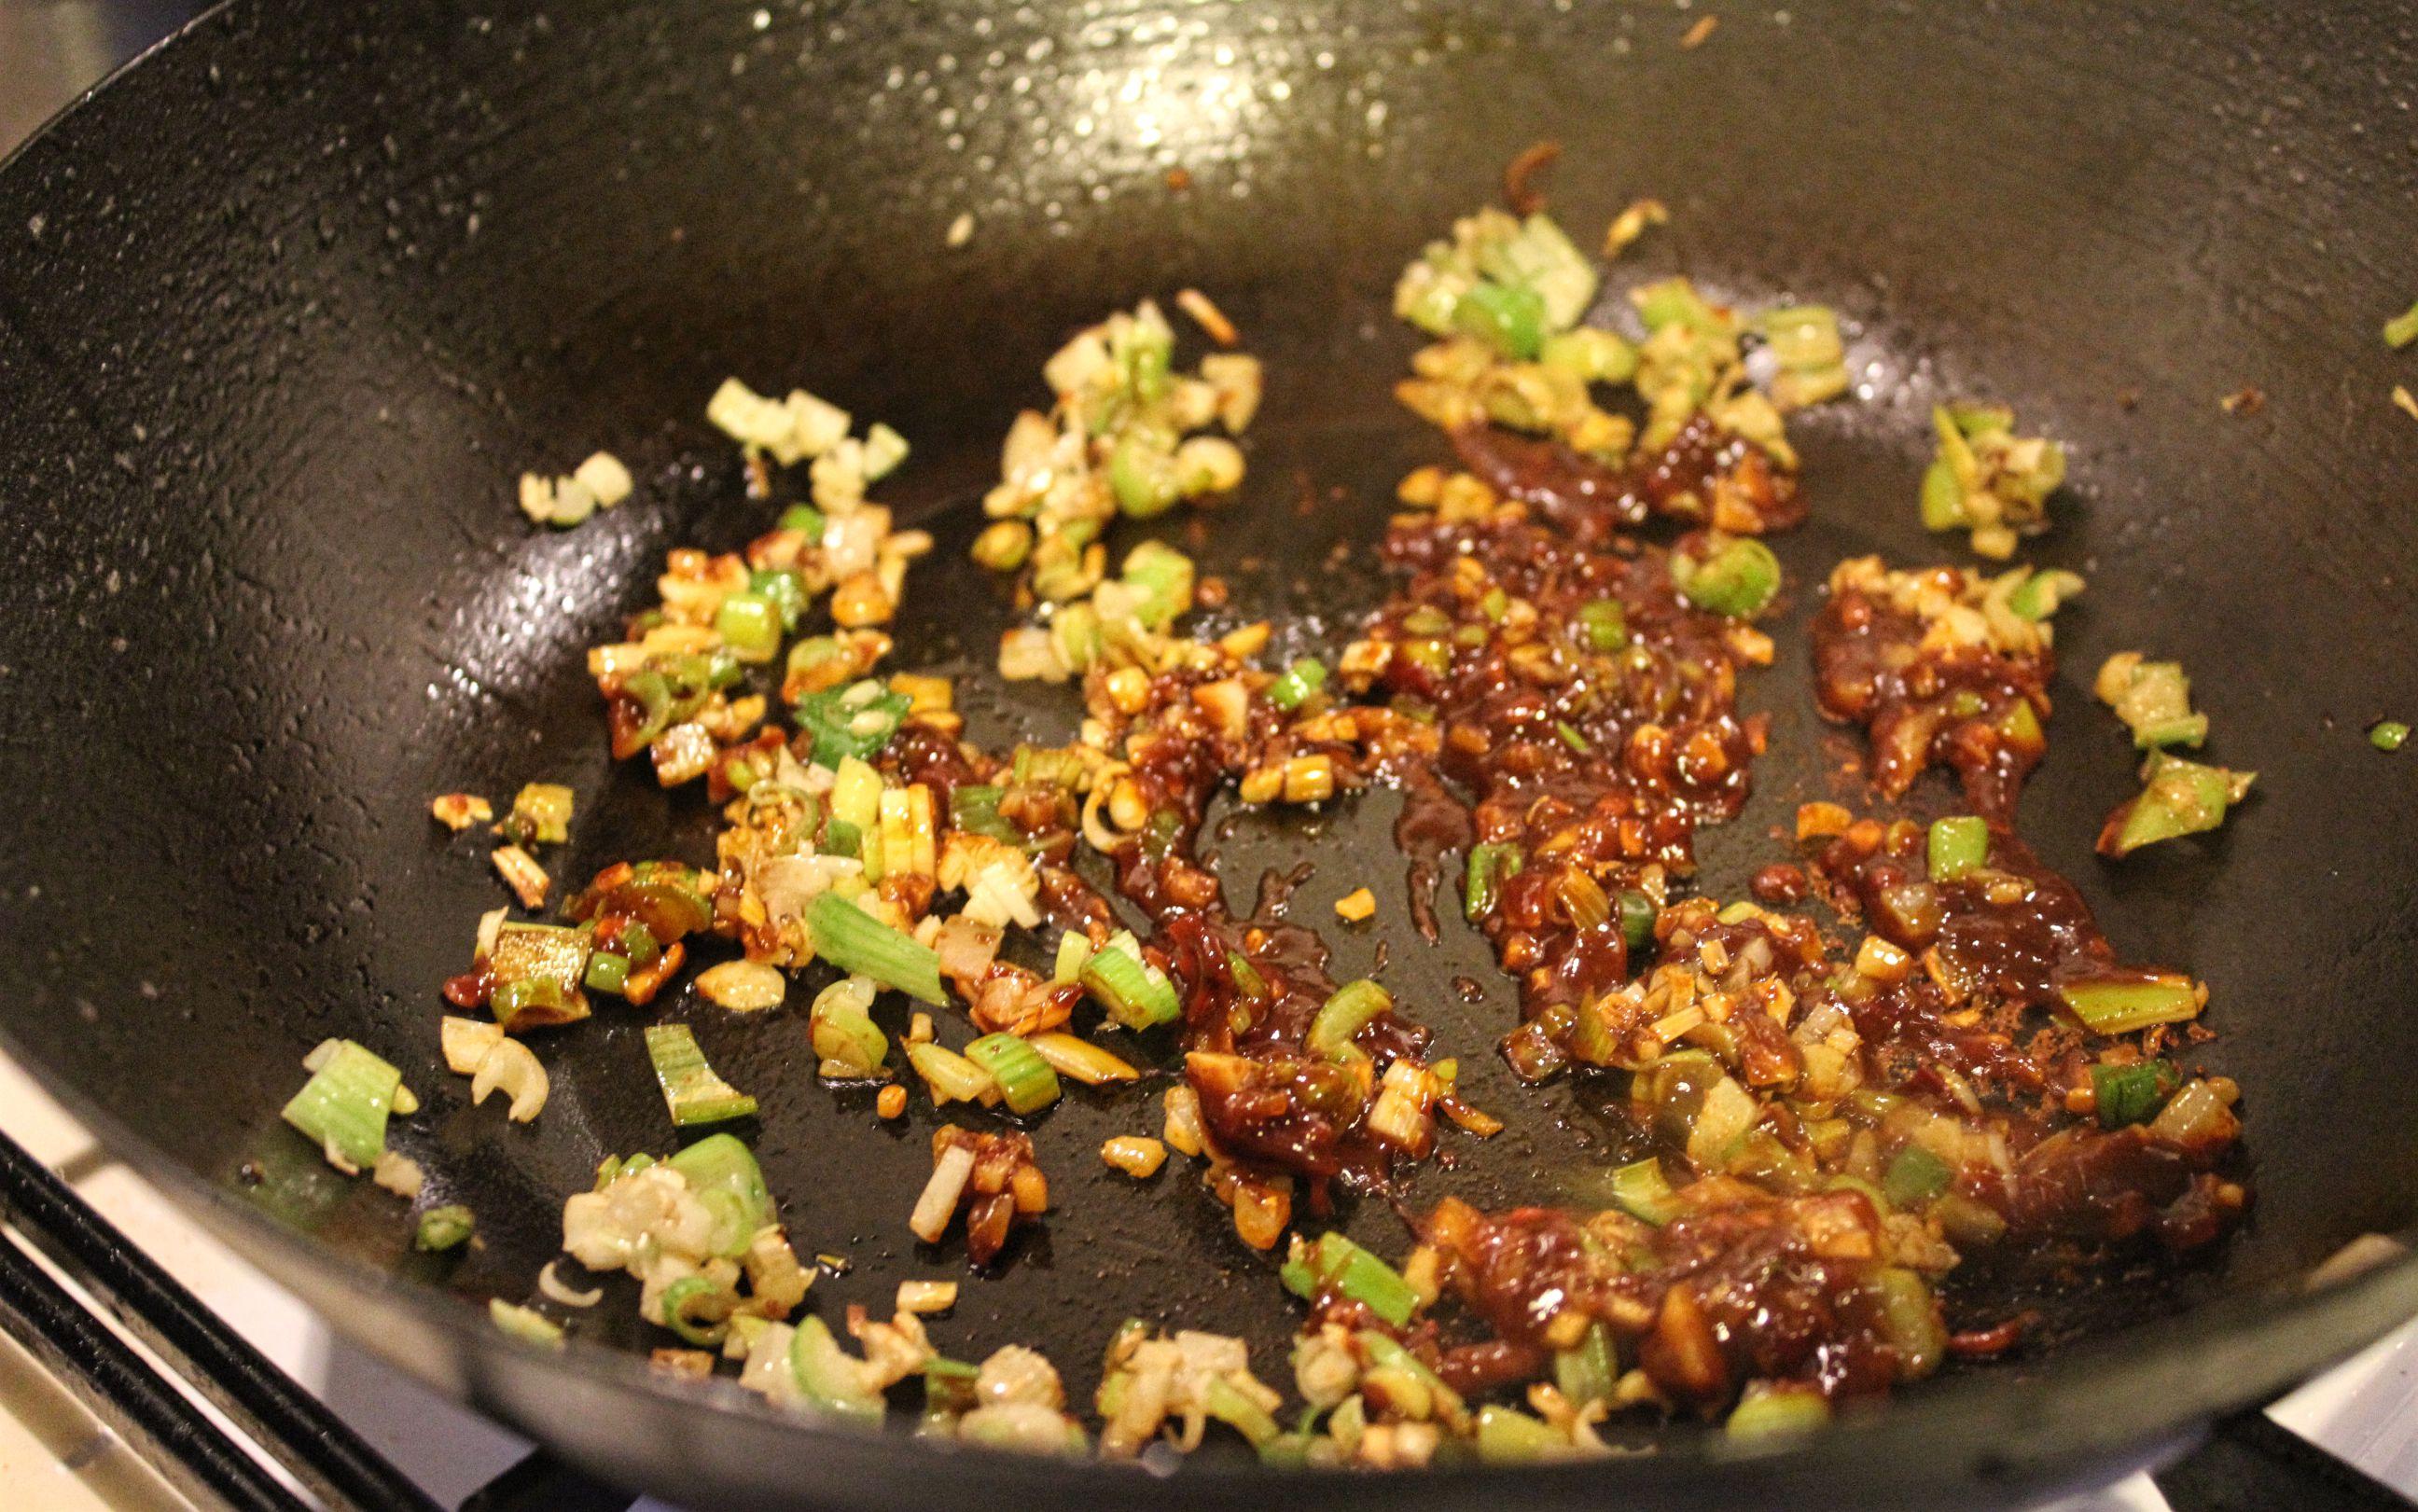 Die Doubanjiang Paste kommt in die Pfanne zu Lauchzwiebeln und Ingwer und wird mitangebraten.